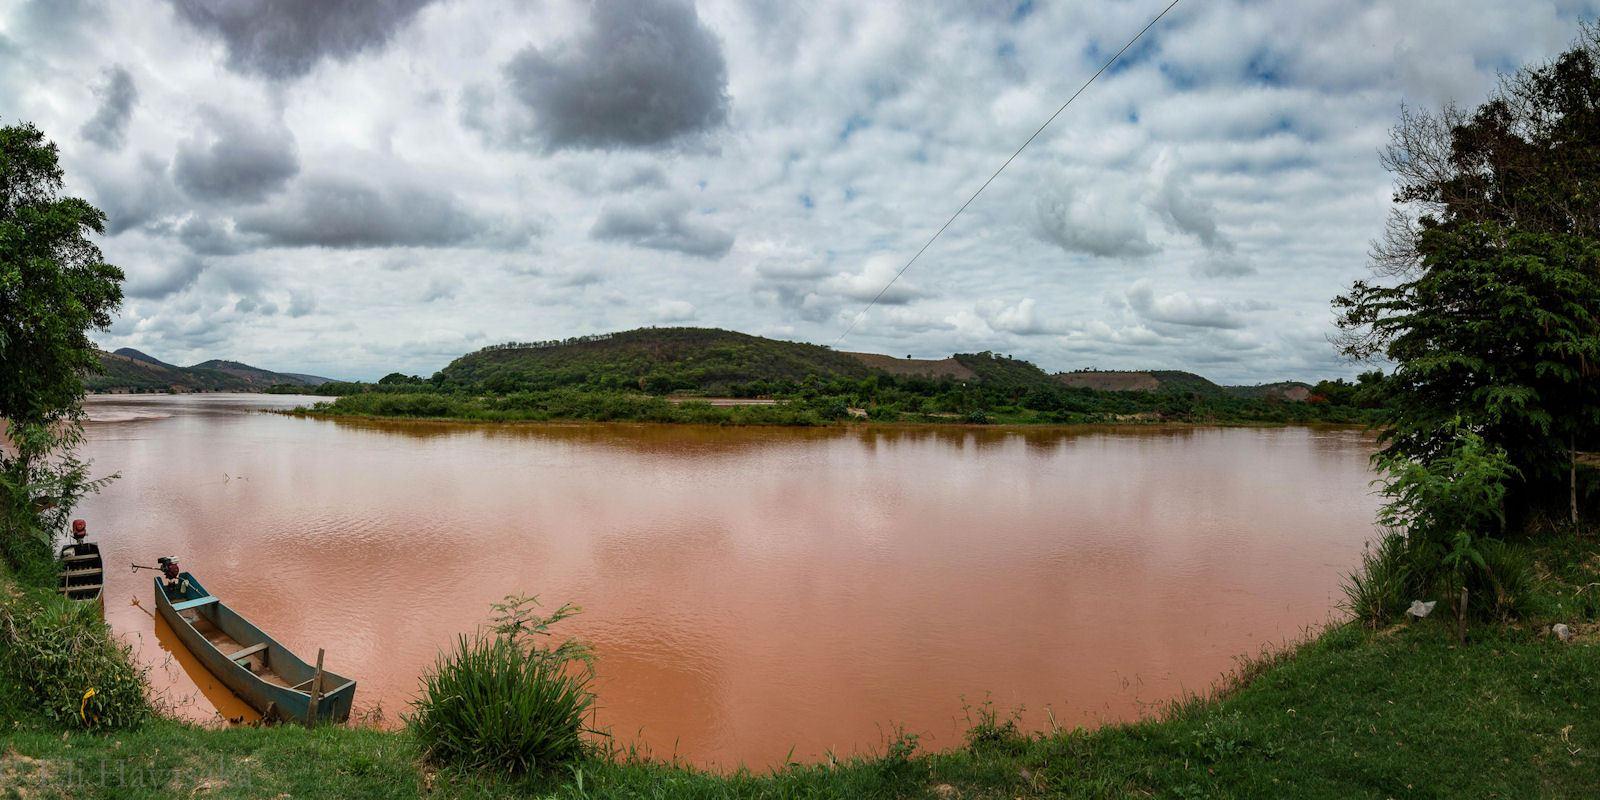 L'emergenza ambientale del Rio Doce